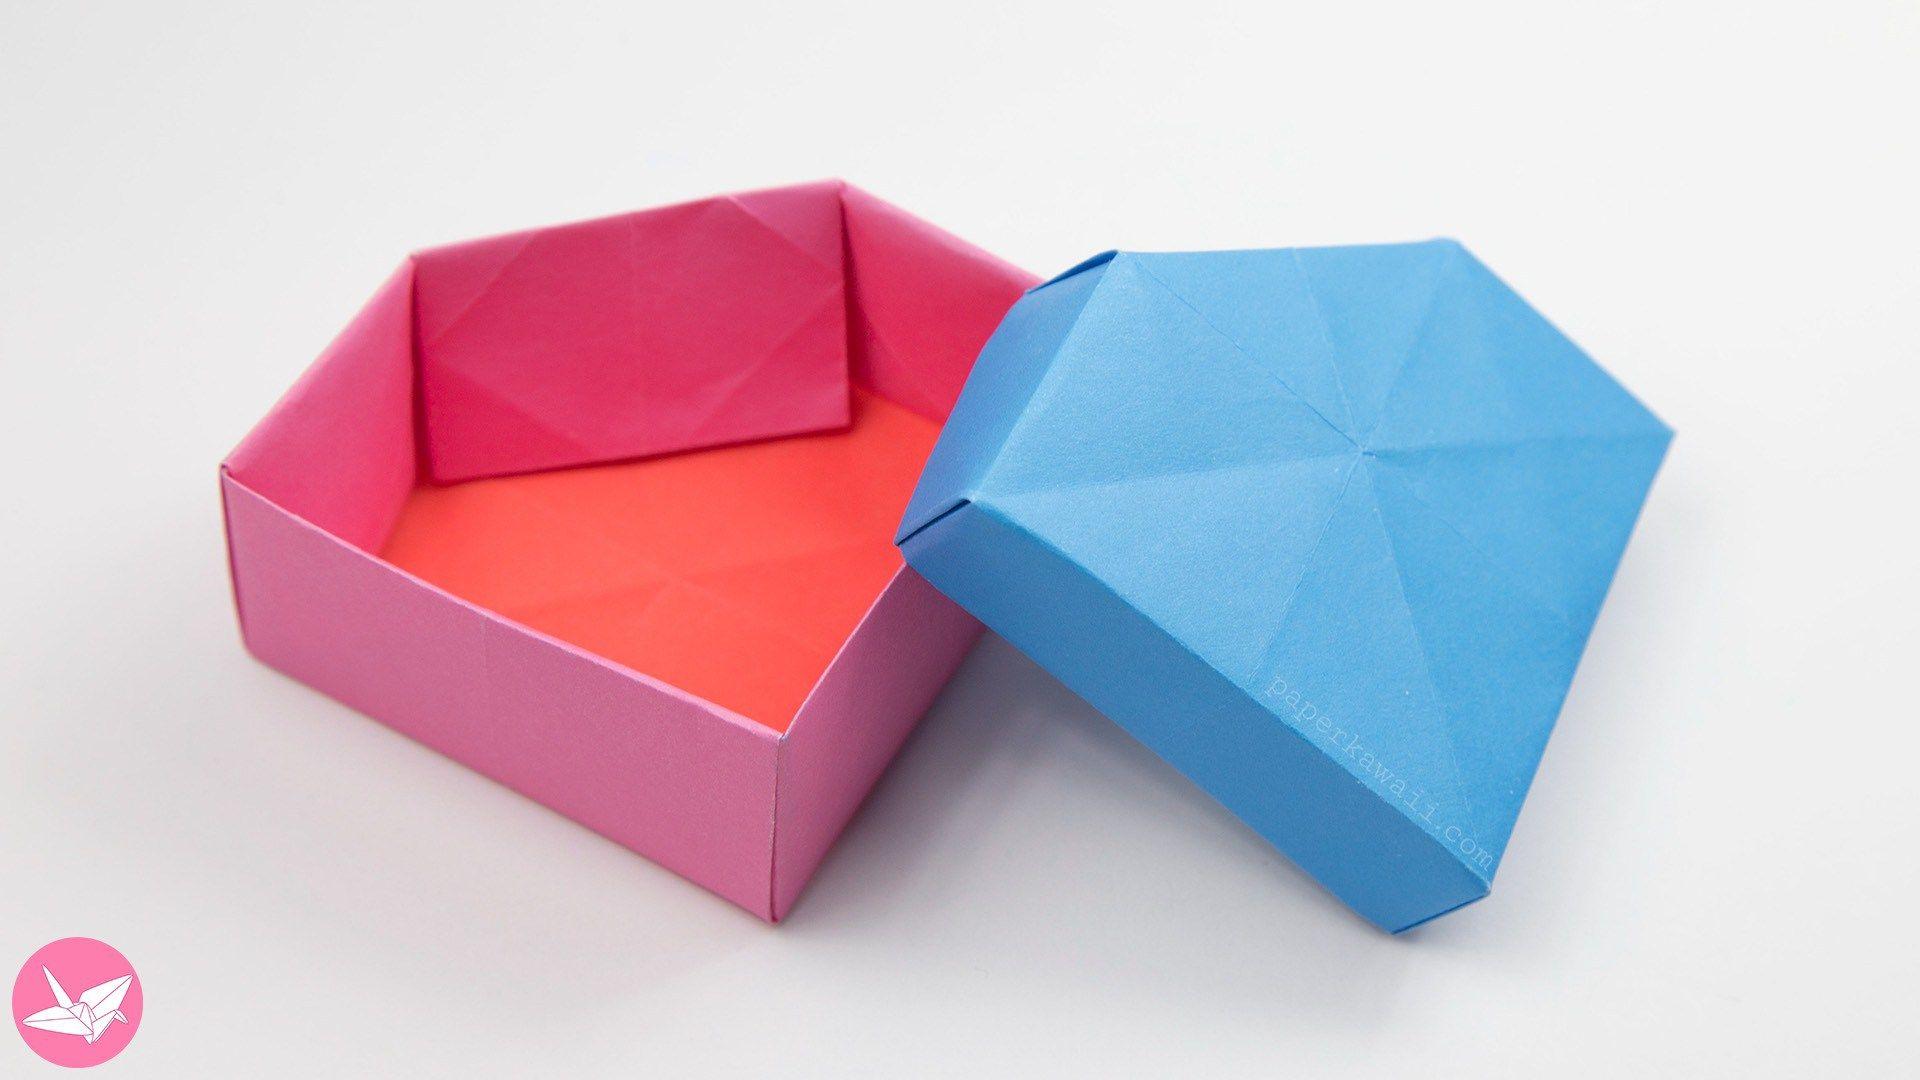 Origami Gem Box Lid Tutorial Revised Paper Kawaii Origami Box With Lid Origami Origami Box